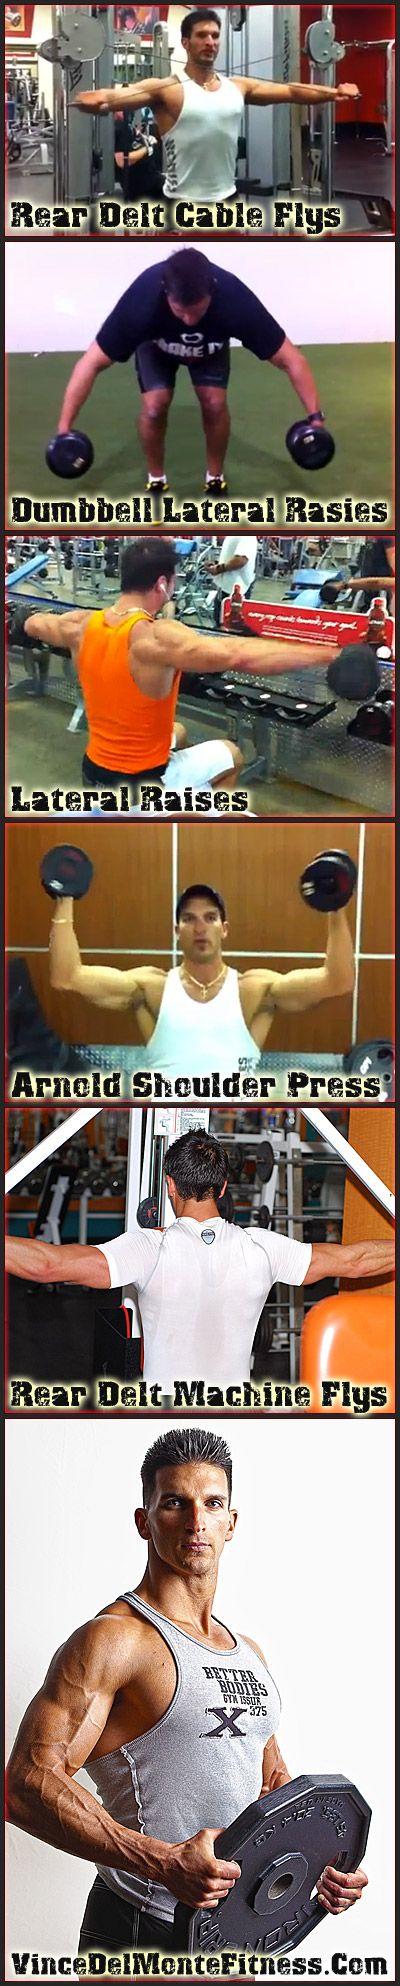 Best shoulder exercises for large defined shoulders. http://www.vincedelmontefitness.com/blog/5545/the-best-shoulder-exercises-for-mass/